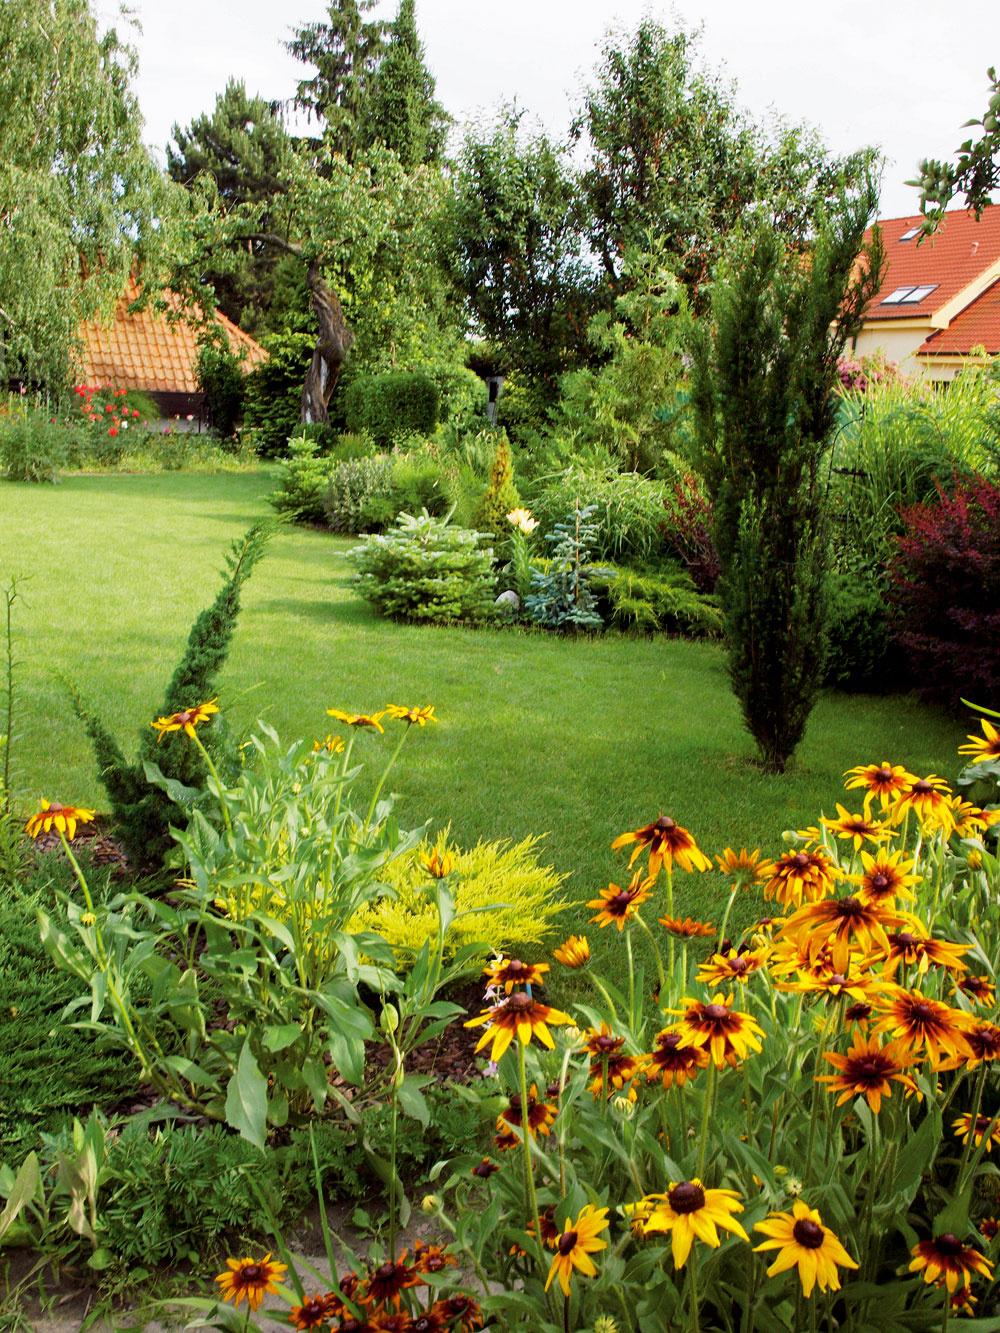 Časť záhrady na slnečnom mieste oproti domu patrí rudbekiám. Pre svoju vytrvalosť anápadné slniečka kvetov sa vnašich záhradách tešia veľkej obľube, liečivé schopnosti rudbekií však poznali už Indiáni vich pôvodnej domovine, vSevernej Amerike. Zmnohých druhov je najpopulárnejšia echinacea purpurová, ktorú stúpenci prírodnej medicíny považujú za hotový poklad